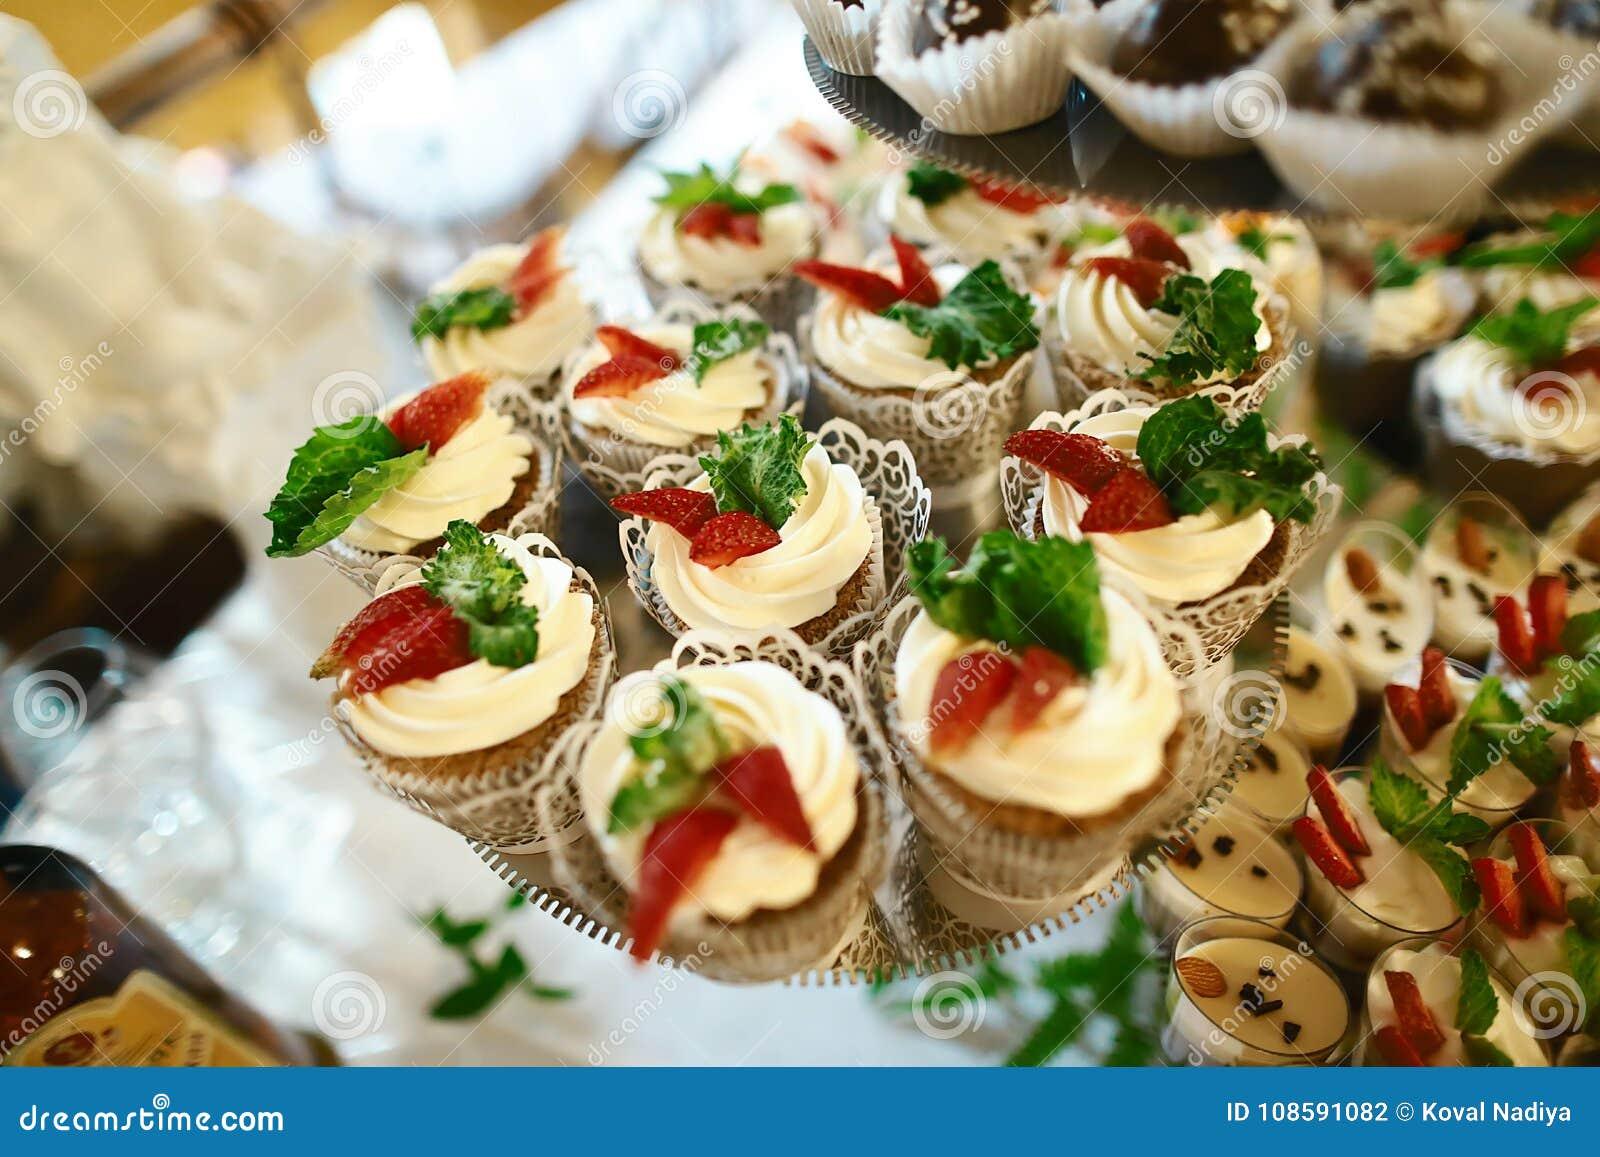 Buffet Di Dolci E Frutta : Dal buffet di dolci al chiar di luna ecco le tartellette alla